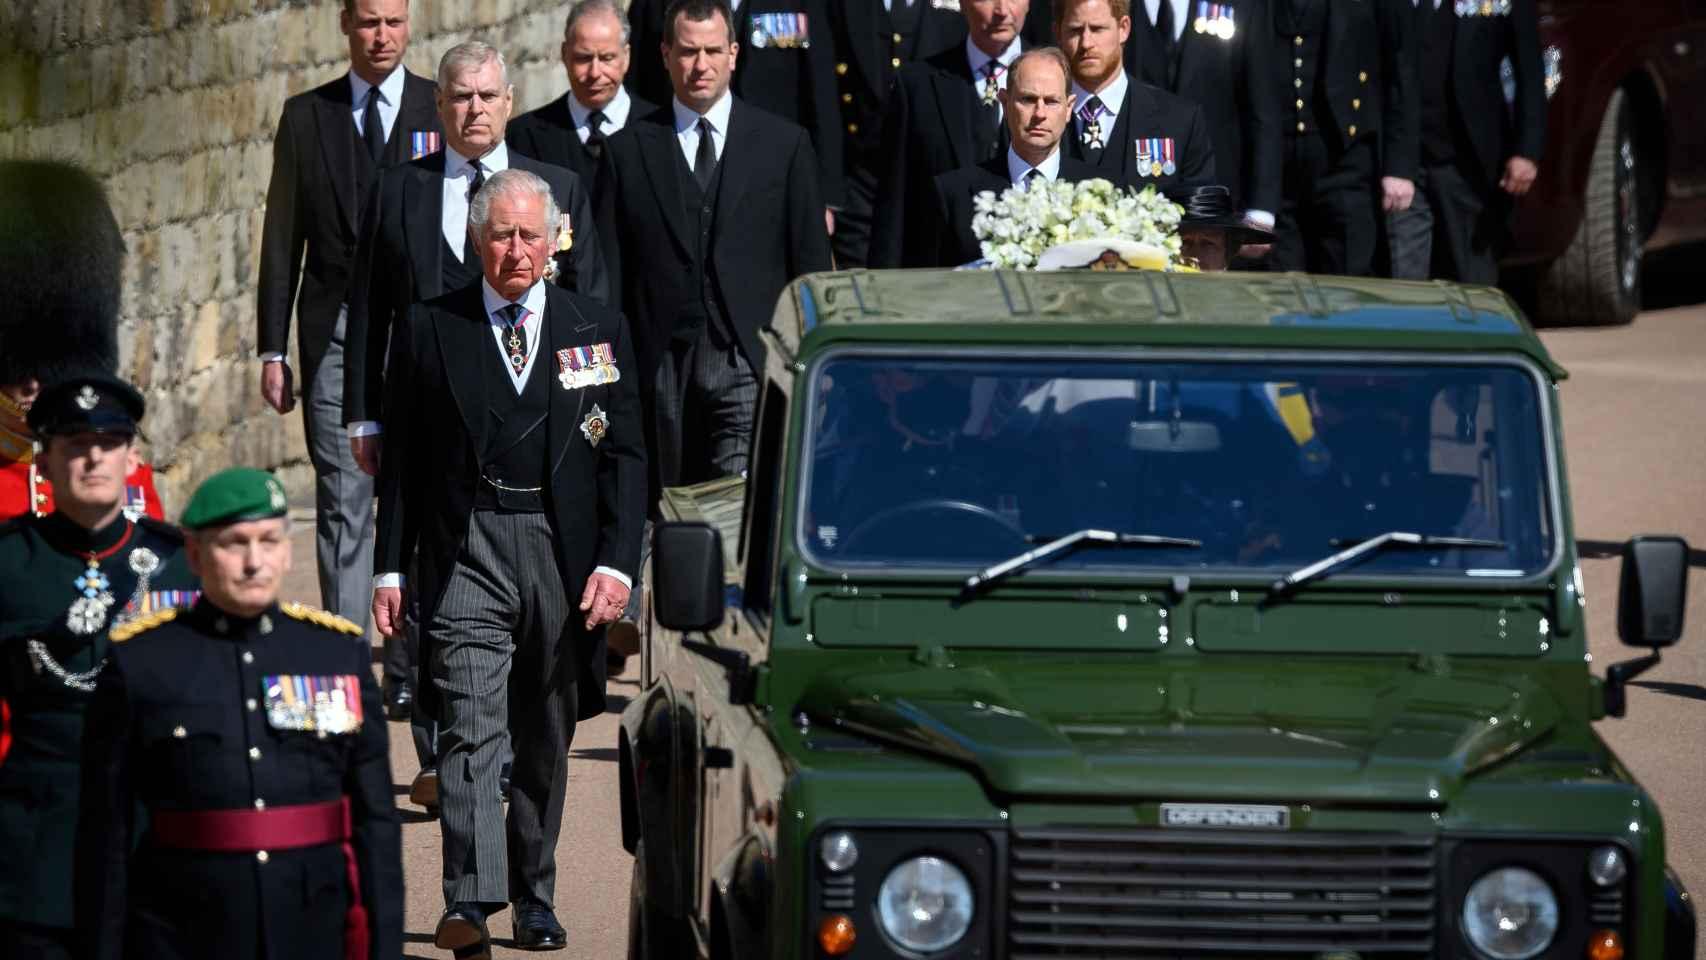 Este ha sido el Land Rover en el que ha realizado el último viaje el Duque de Edimburgo